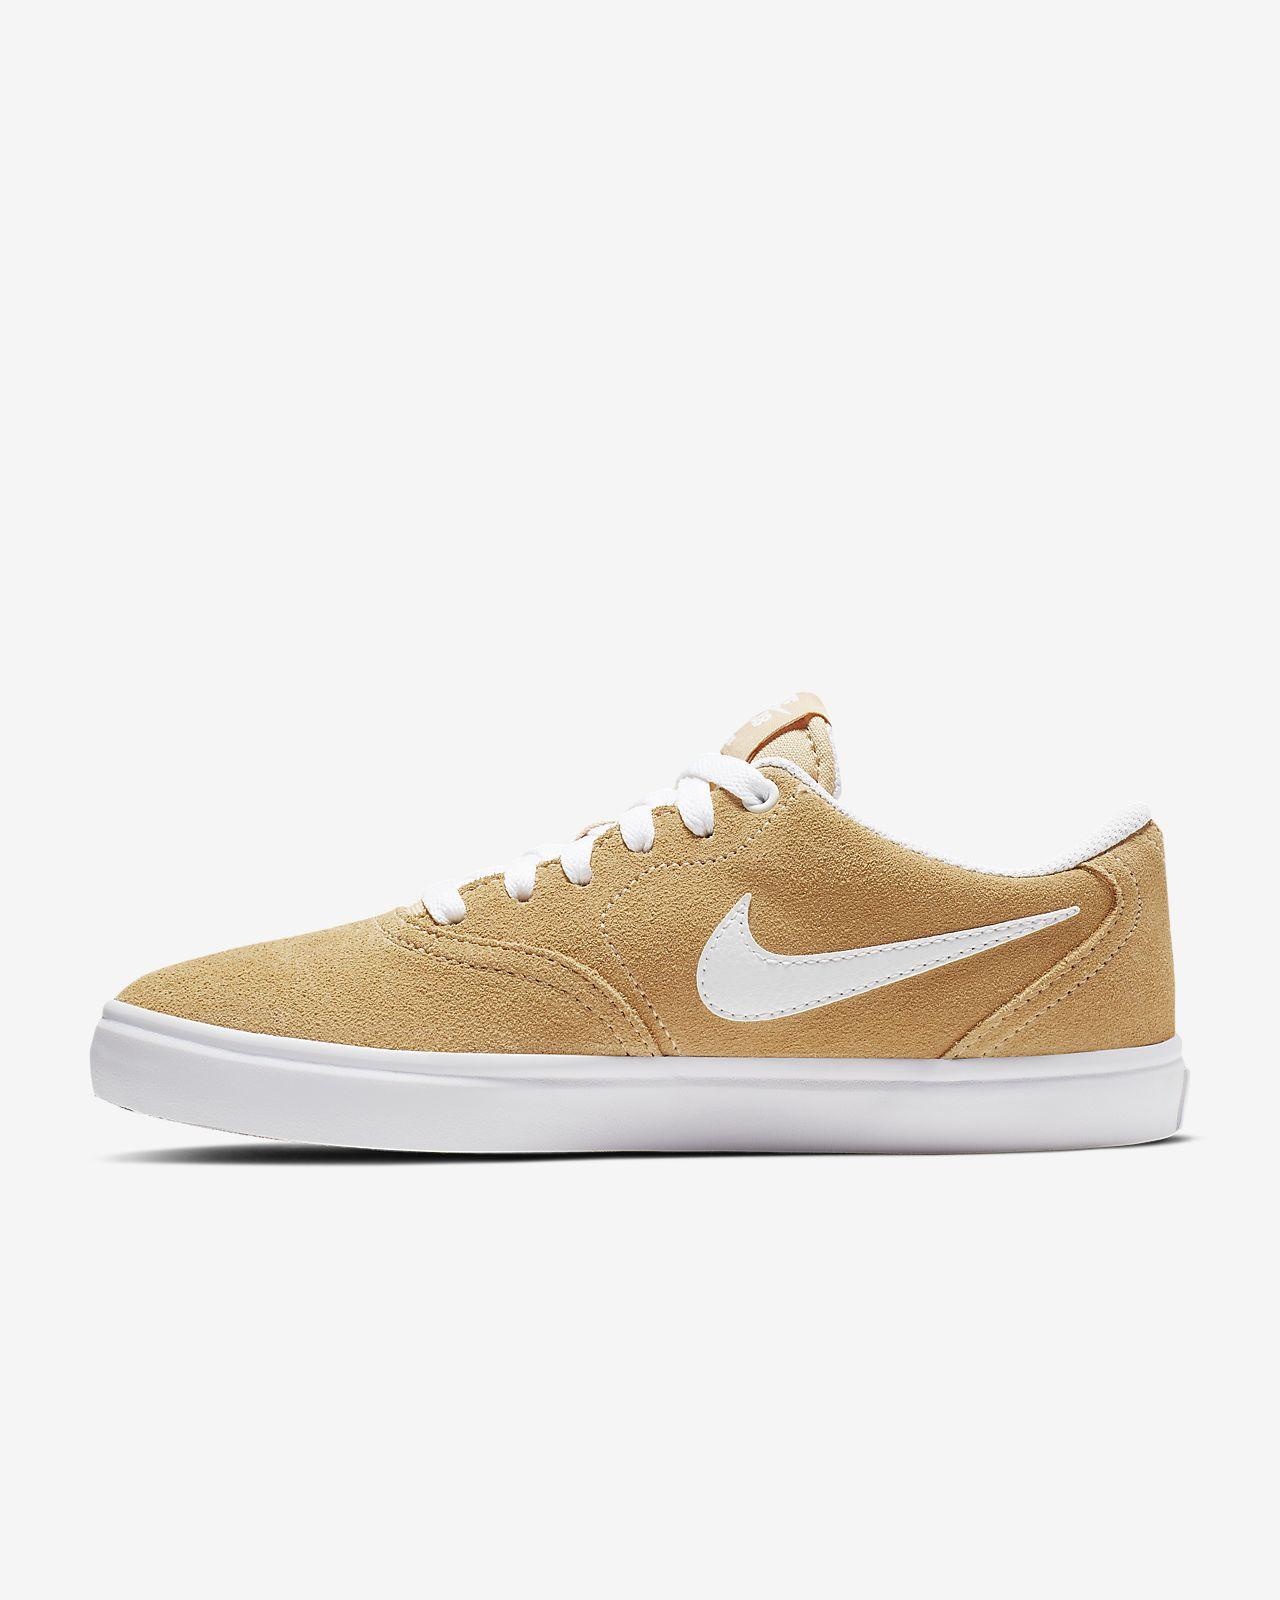 Damskie buty do skateboardingu Nike SB Check Solarsoft